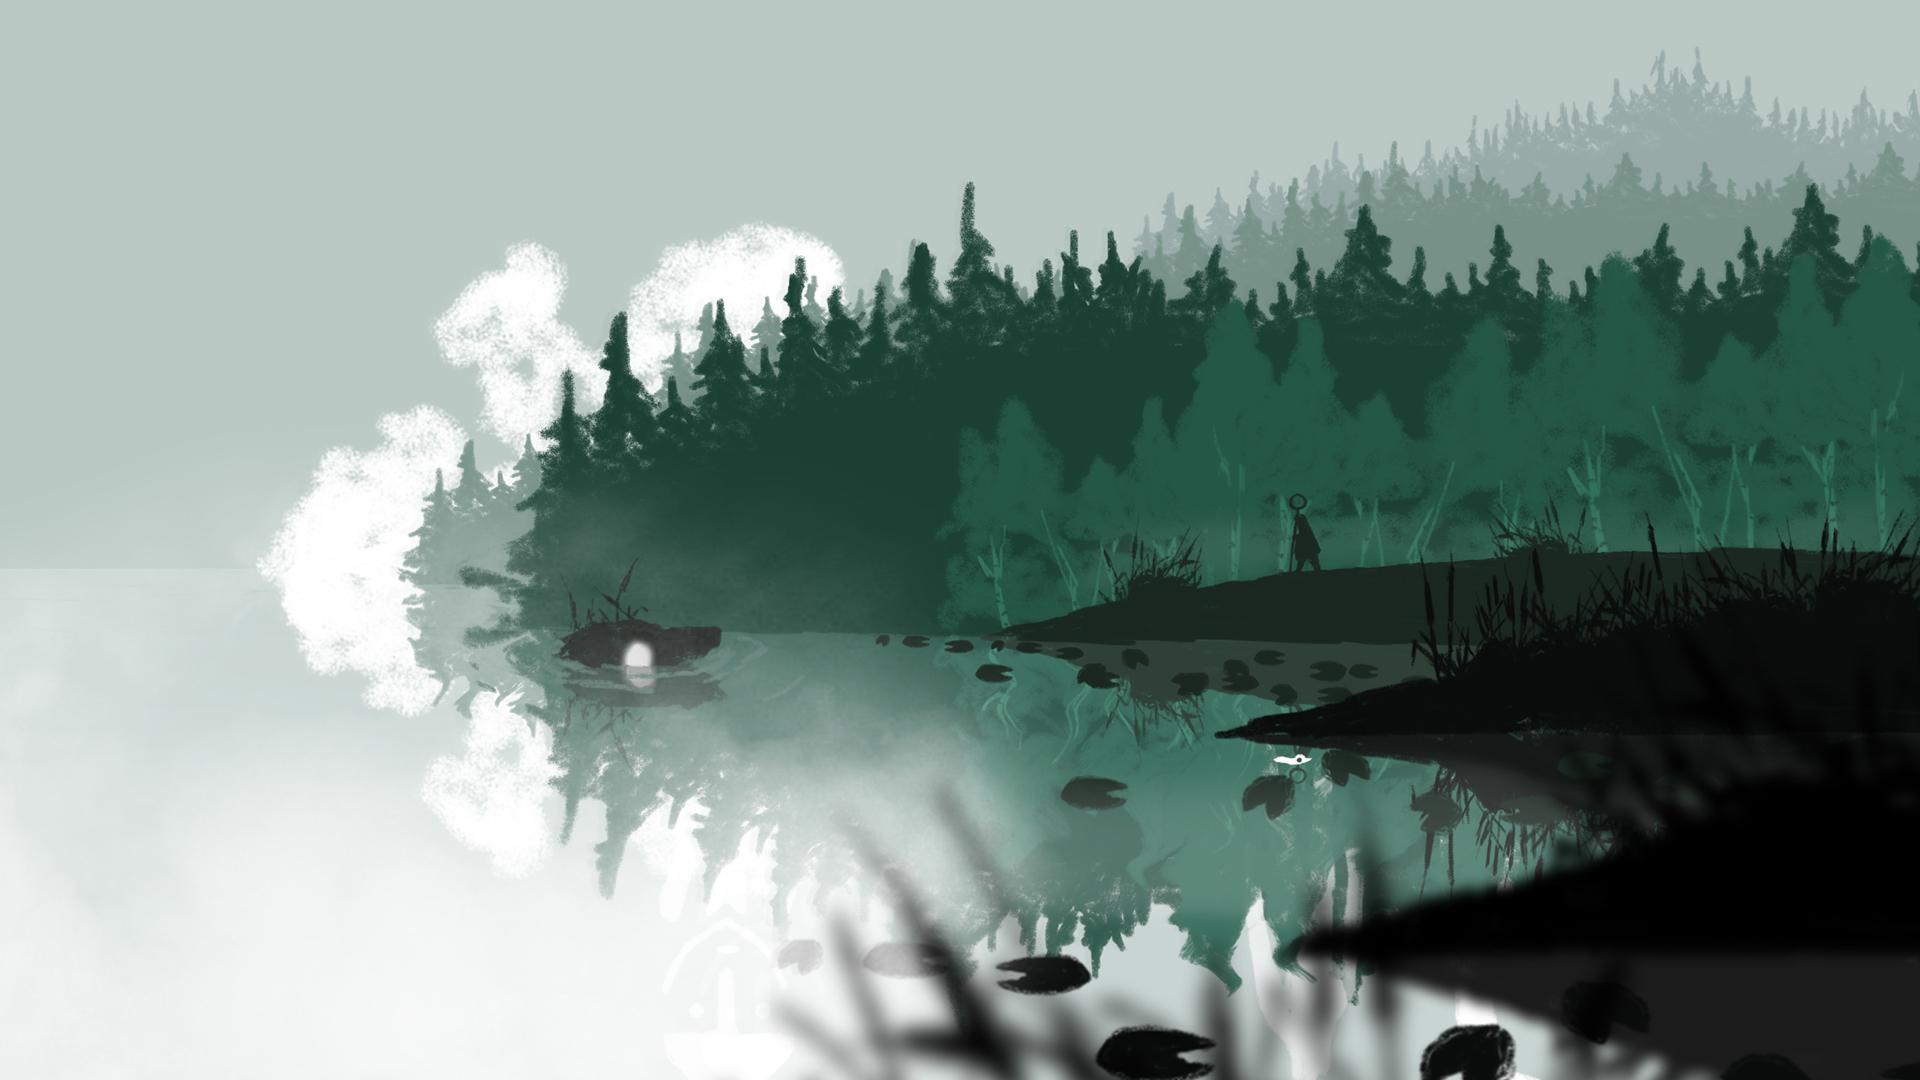 RiverWallpaper4 1920x1080 nologo